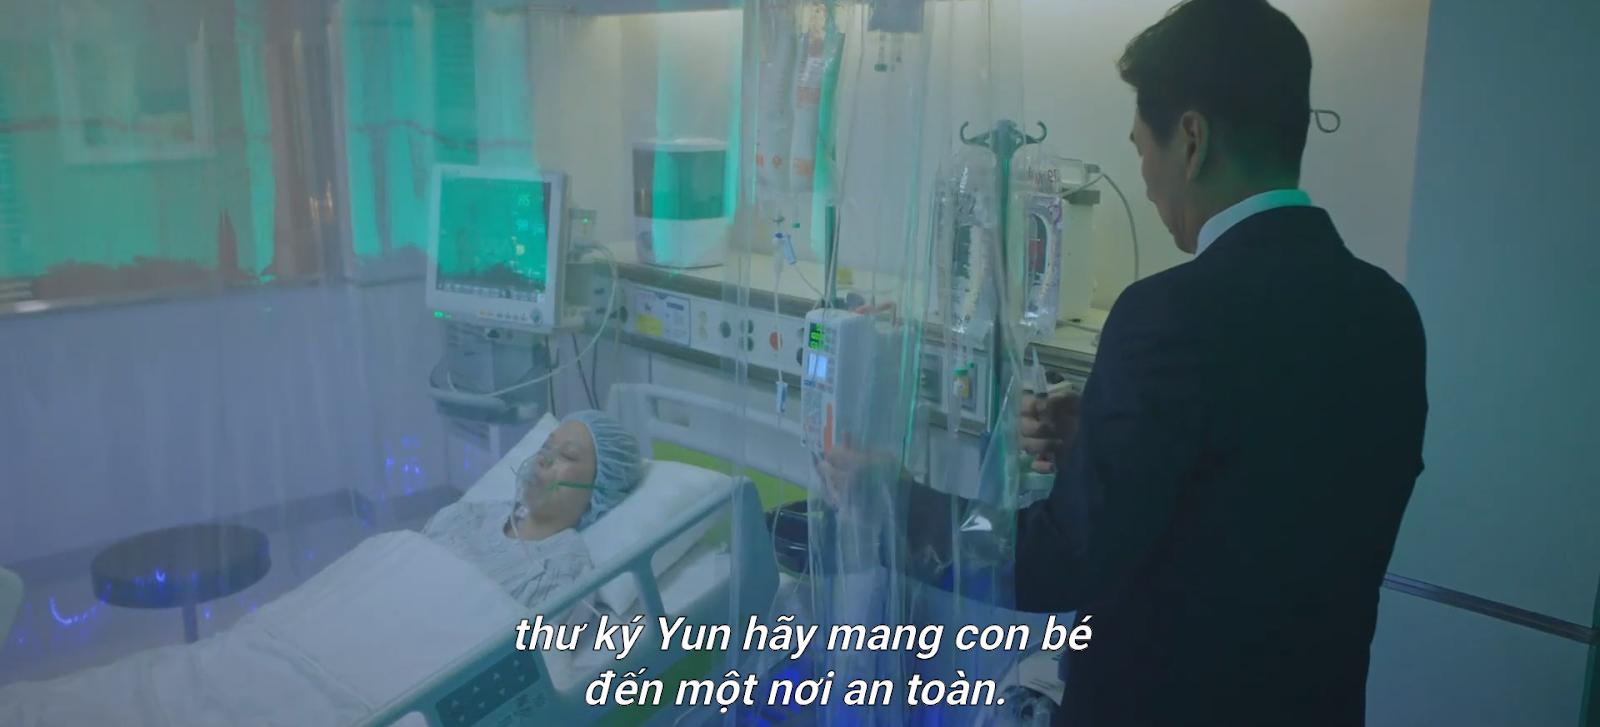 Penthouse tập 6: Ám ảnh với màn báo thù liên hoàn của bà đại Lee Ji Ah, người chết như ngả rạ rồi! - Ảnh 8.